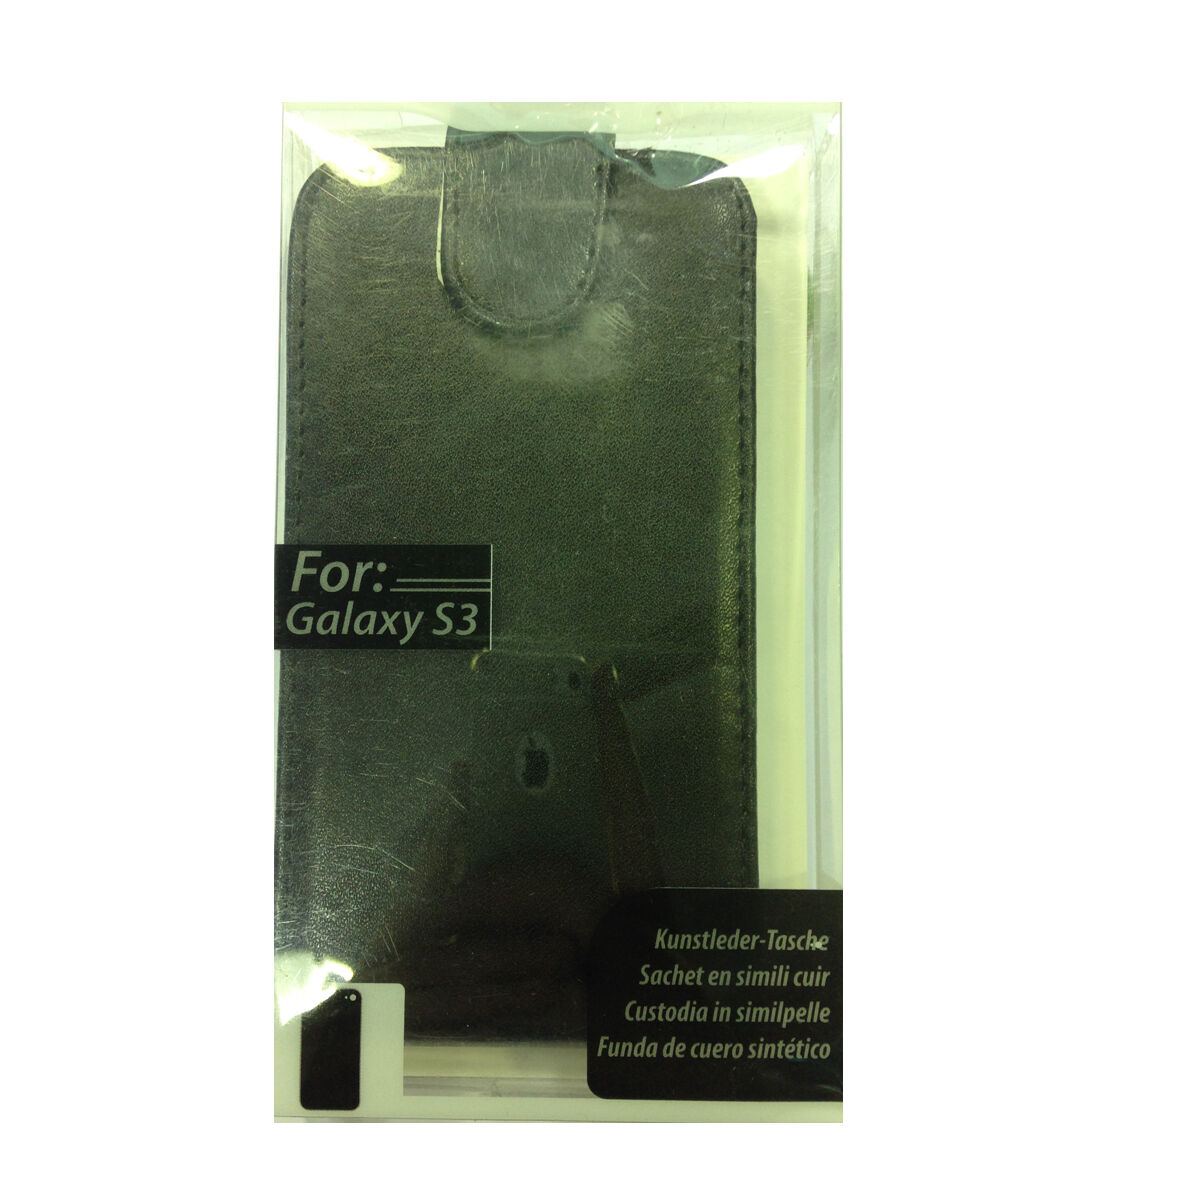 COVER mascherina SAMSUNG GALAXY S3 nero a portafoglio in eco-pelle